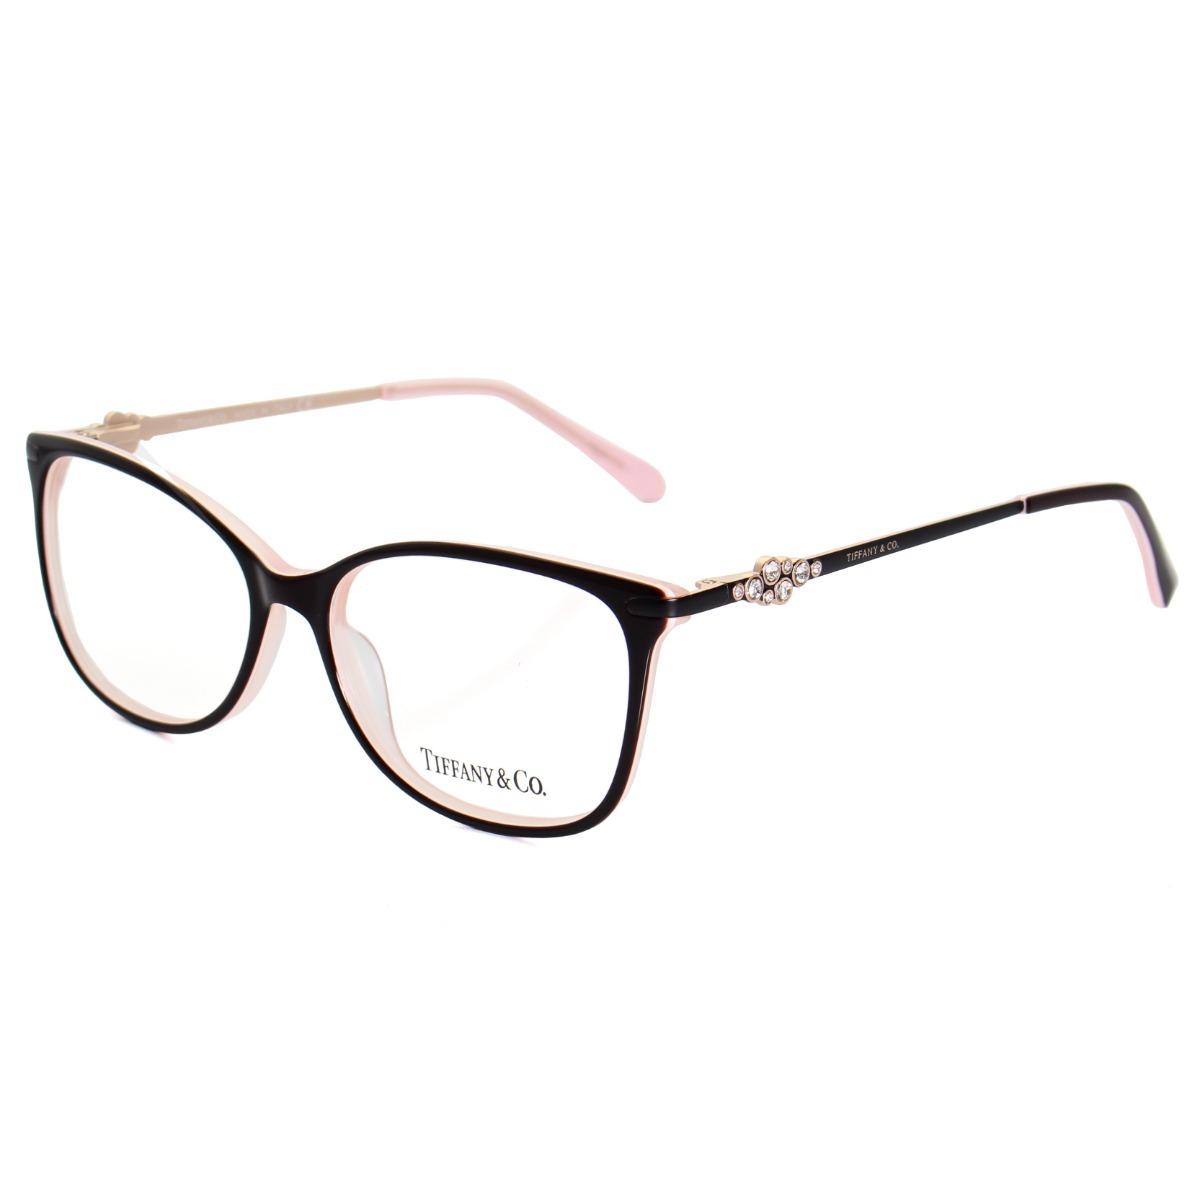 b0cb7cb4f armação de grau - tiffany & co. acetato - tf2133 b oculos. Carregando zoom.